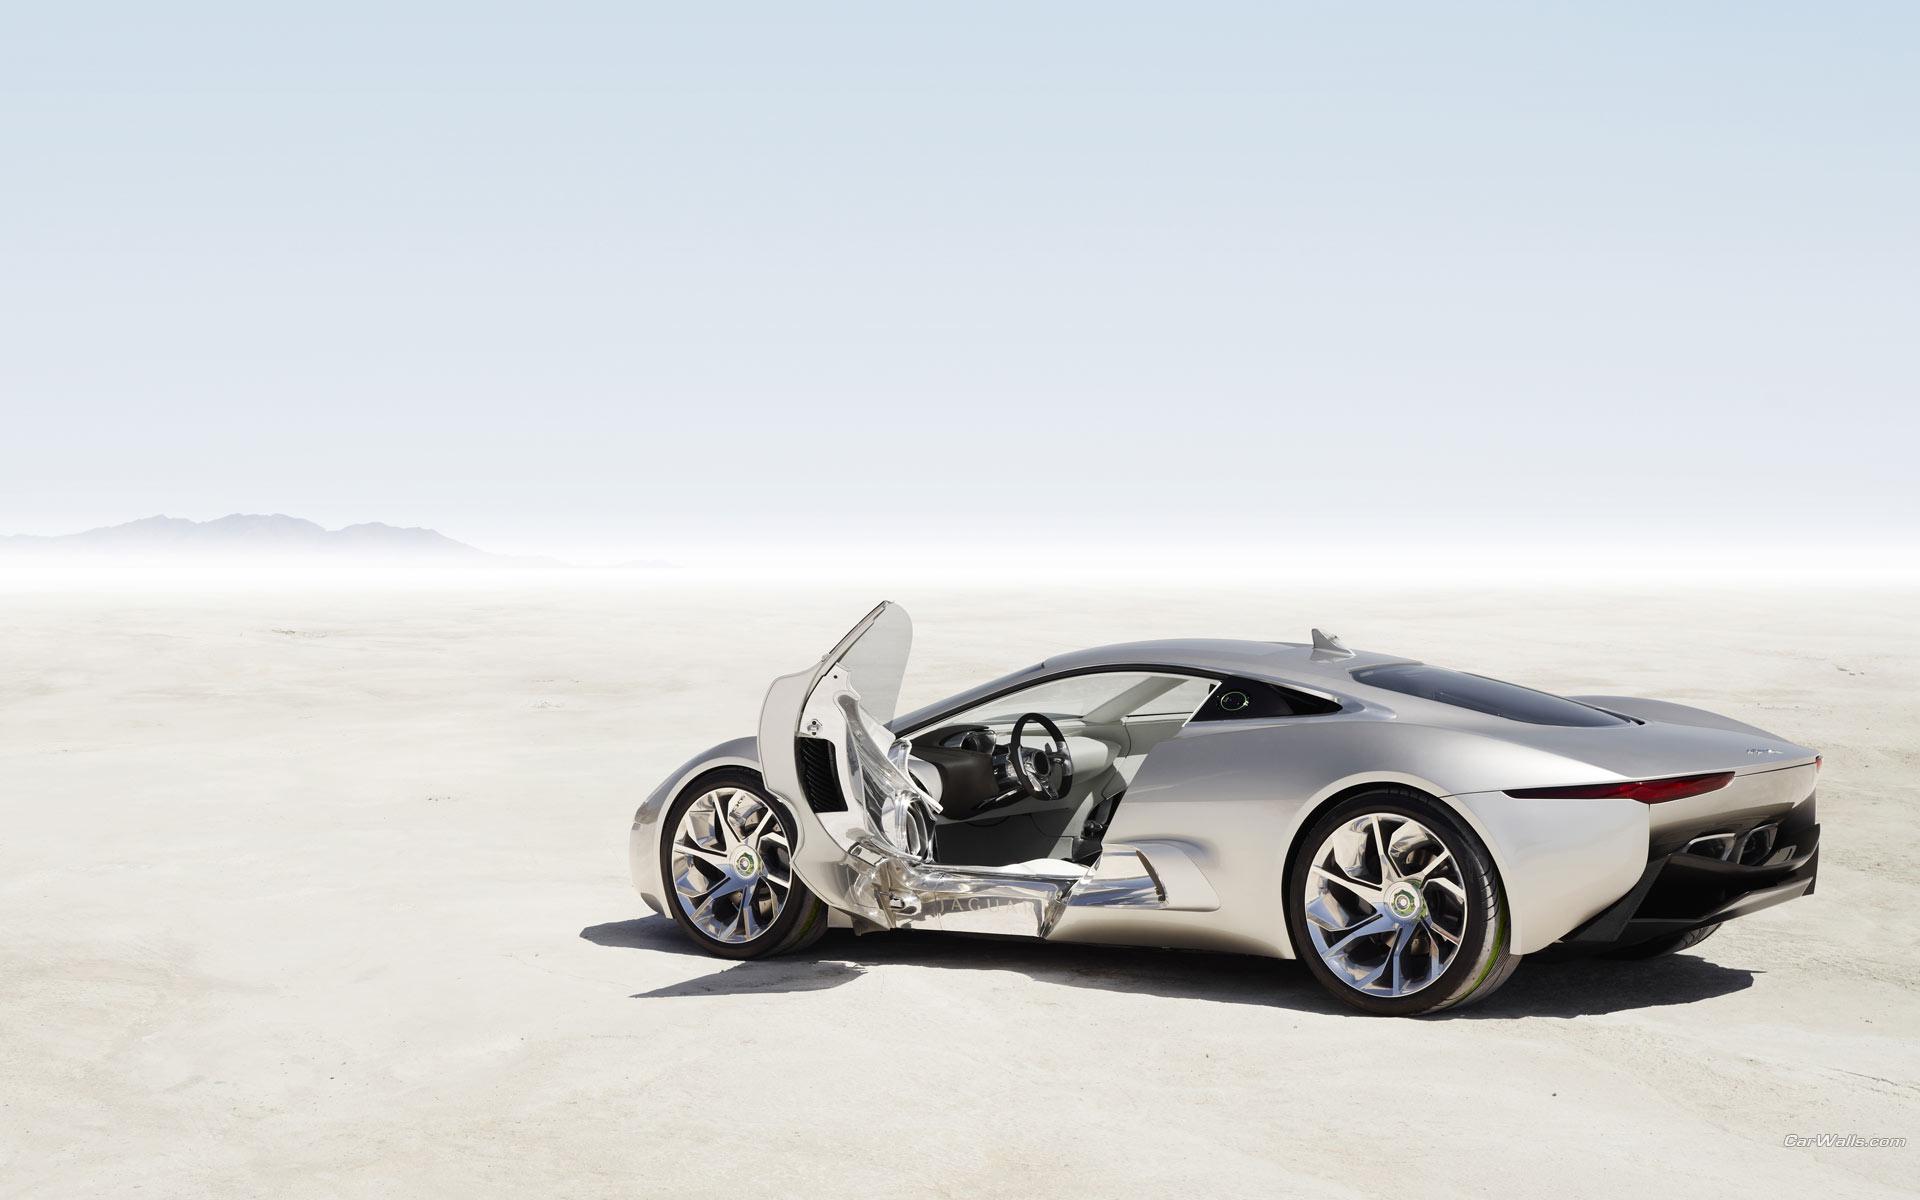 jaguar c x75 concept car fondos de pantalla hd wallpapers hd. Black Bedroom Furniture Sets. Home Design Ideas